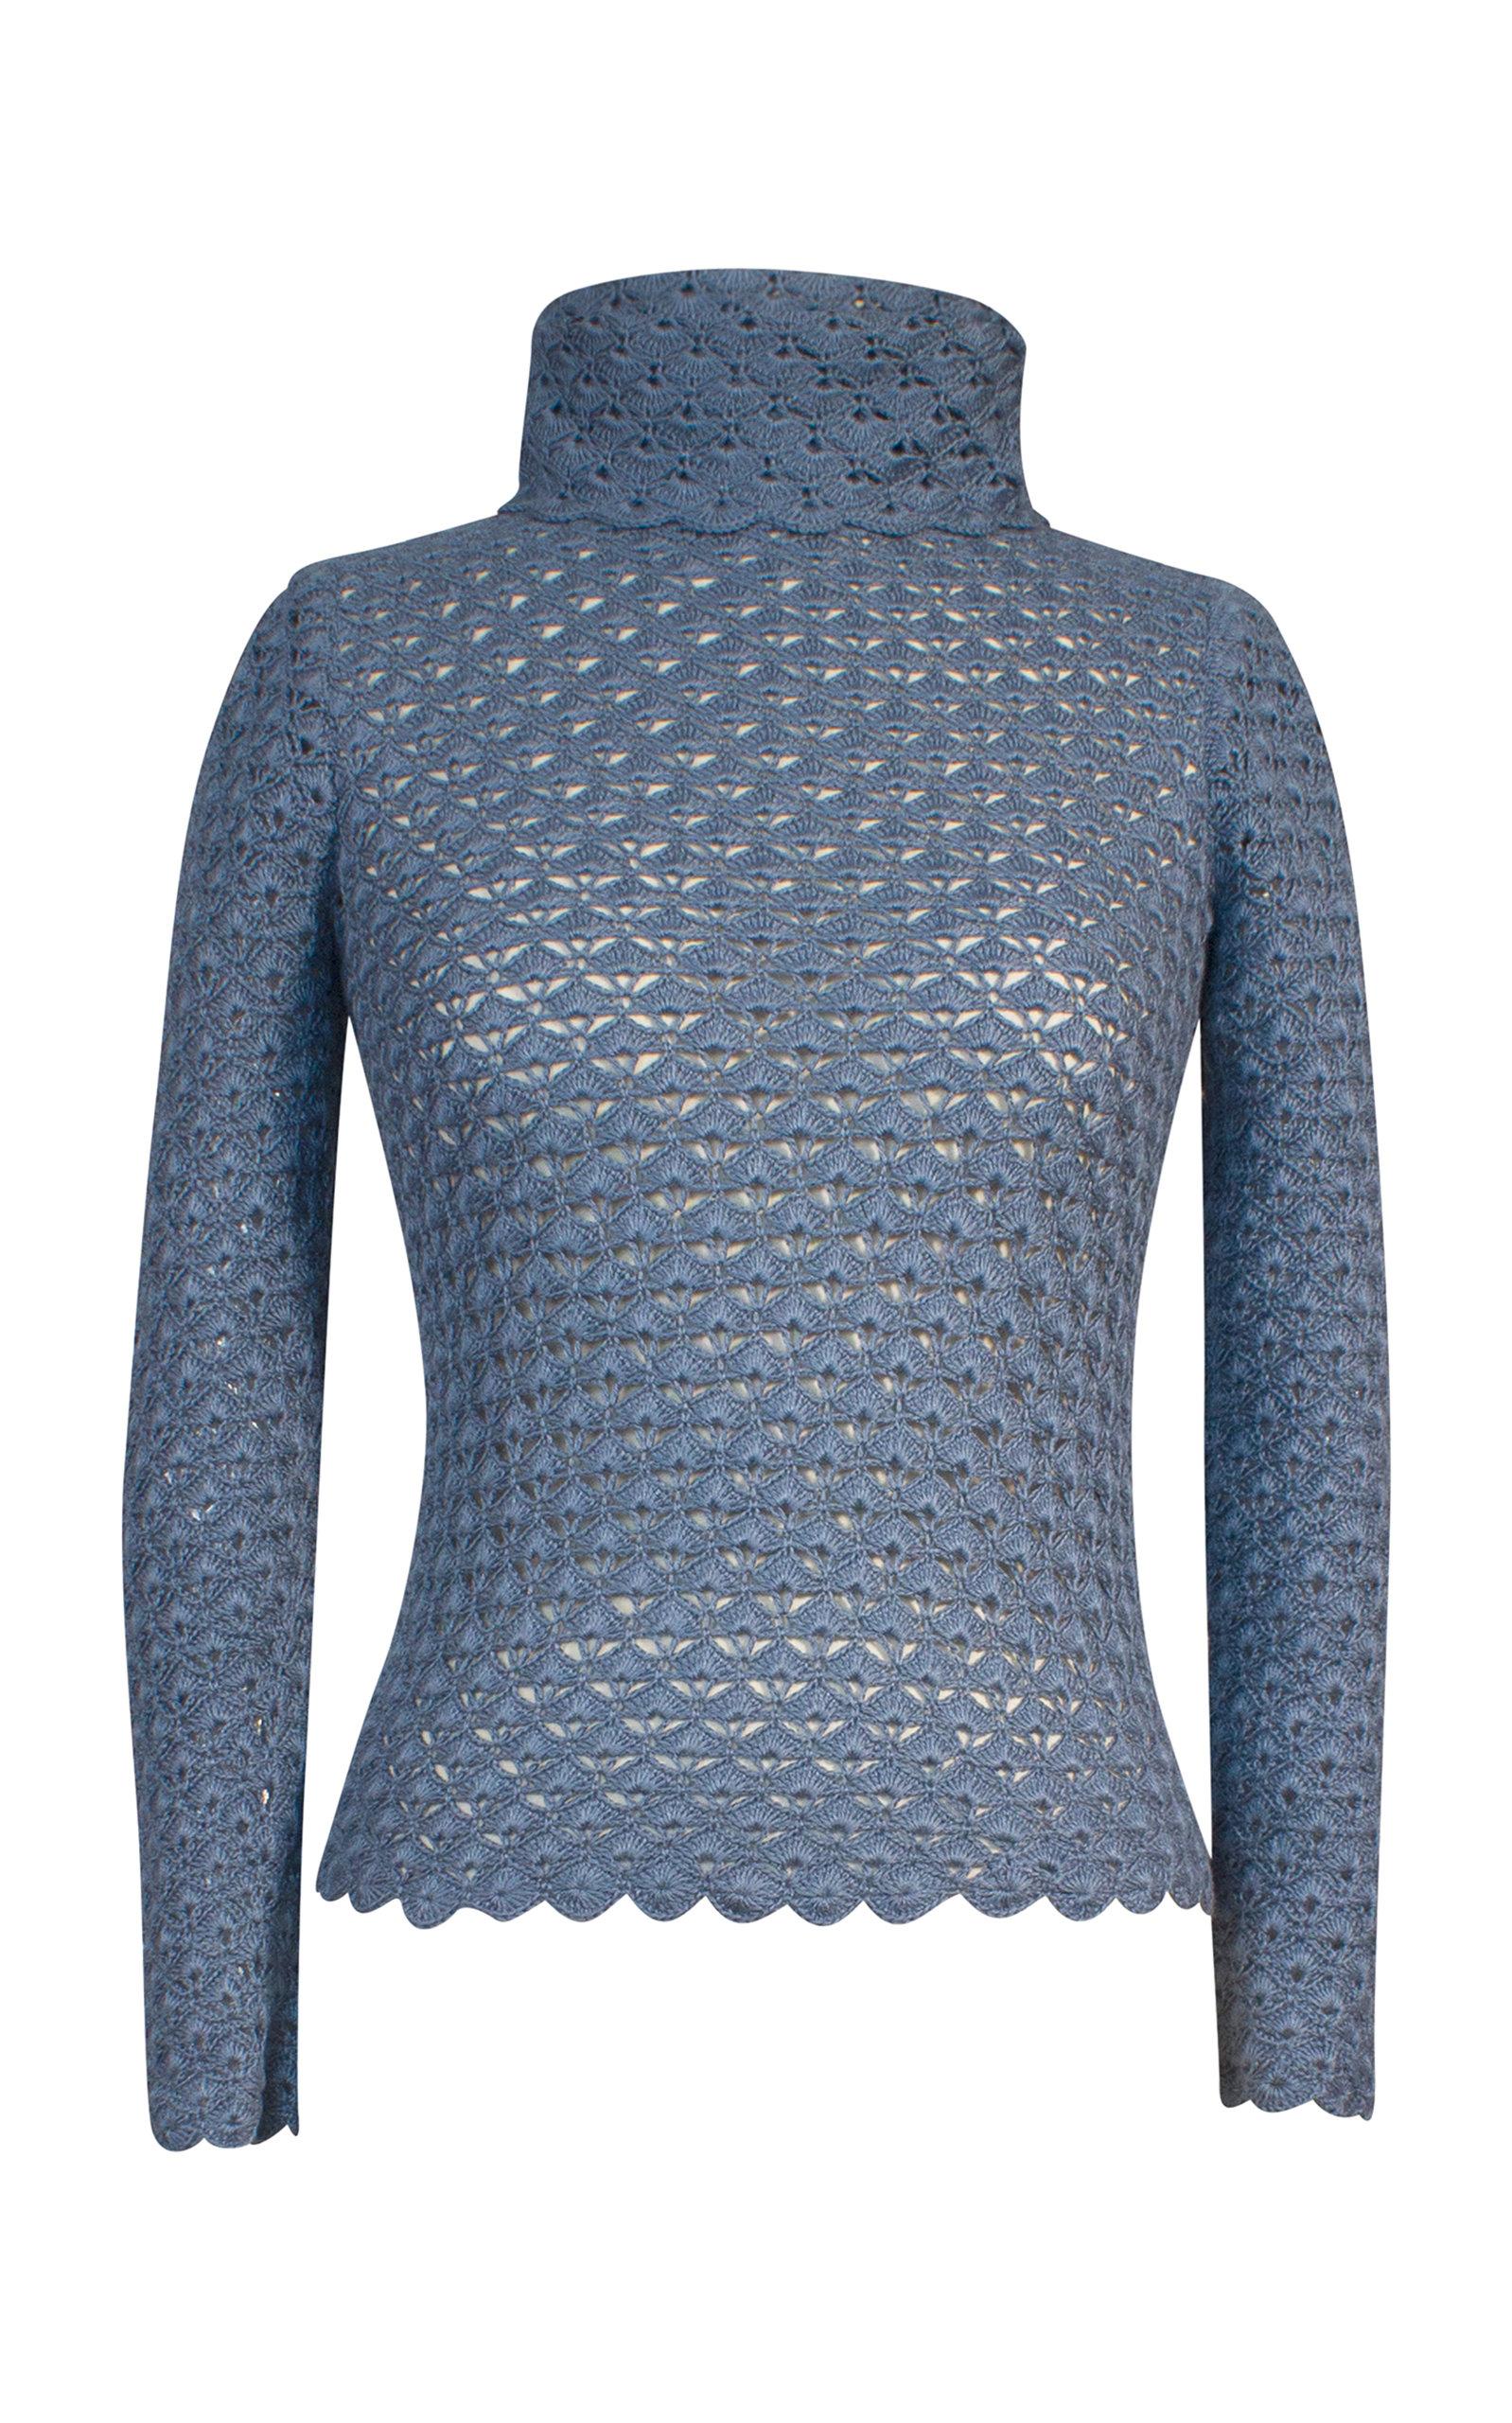 ALEJANDRA ALONSO ROJAS Anastasia Silk Pullover in Blue